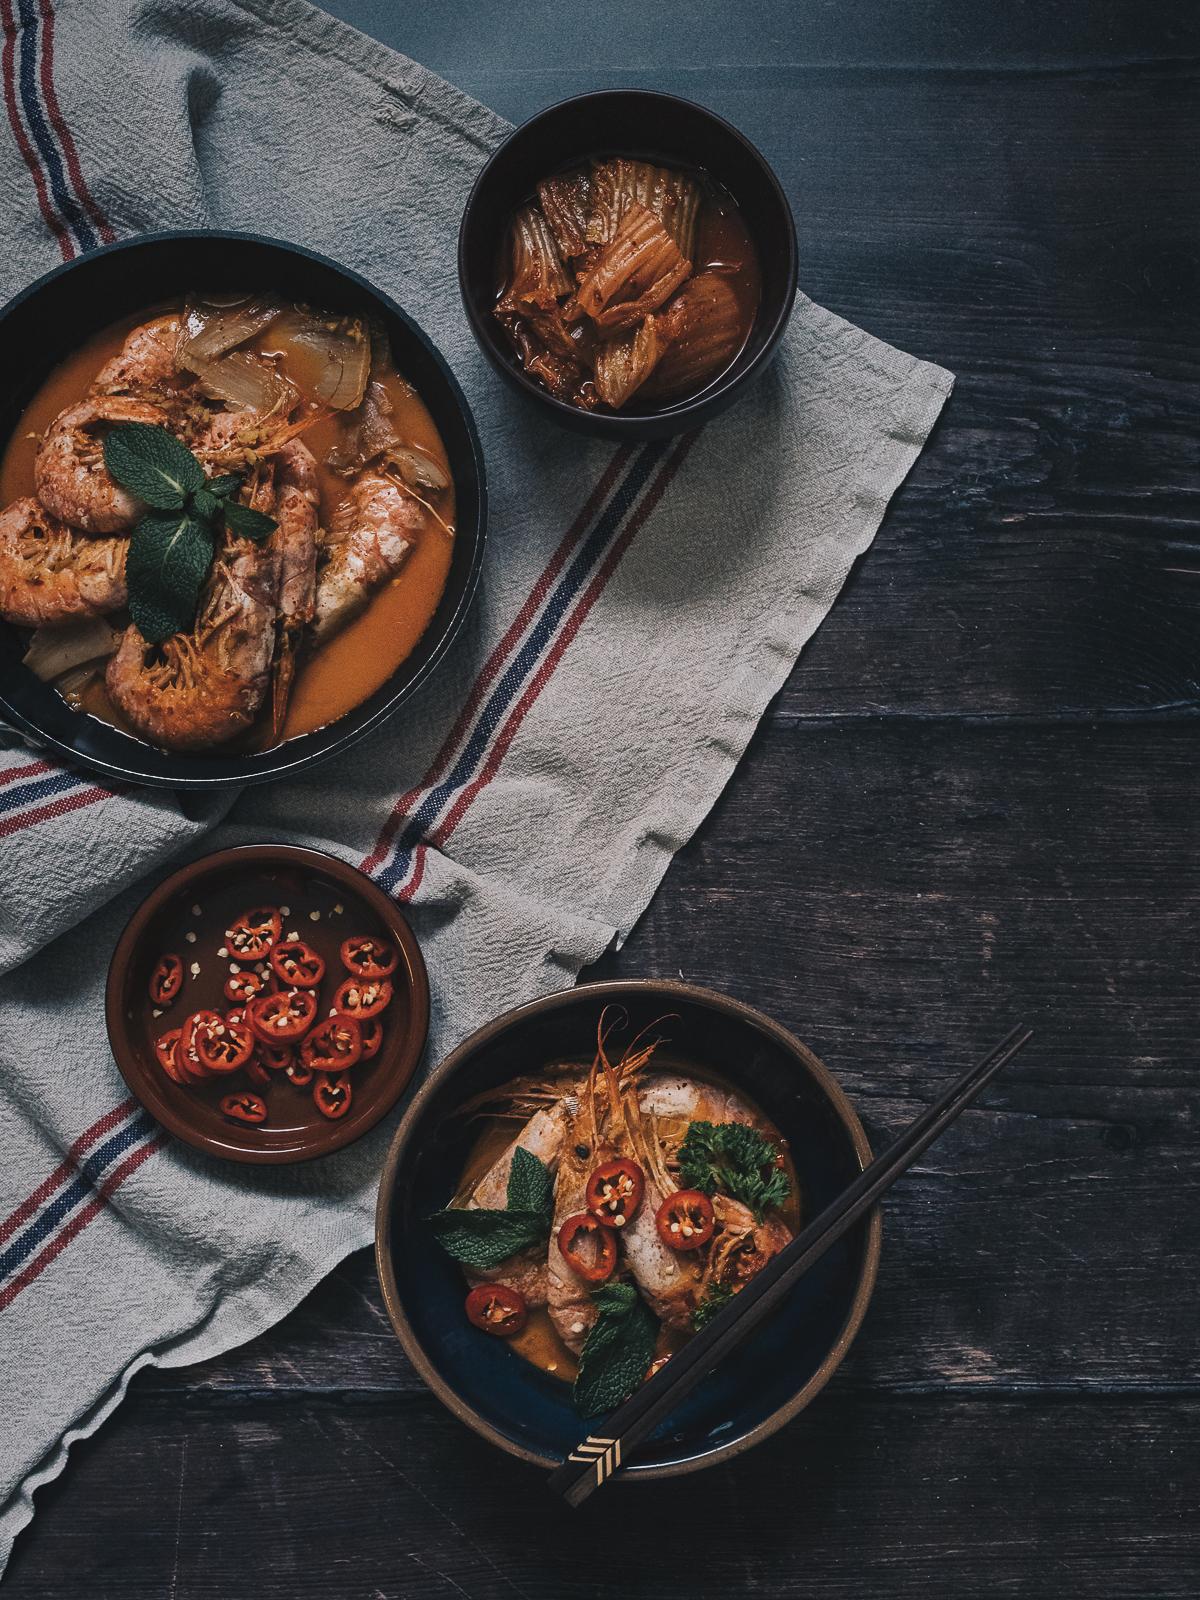 利用俯拍呈現食材,清楚傳達盤中食物的模樣。